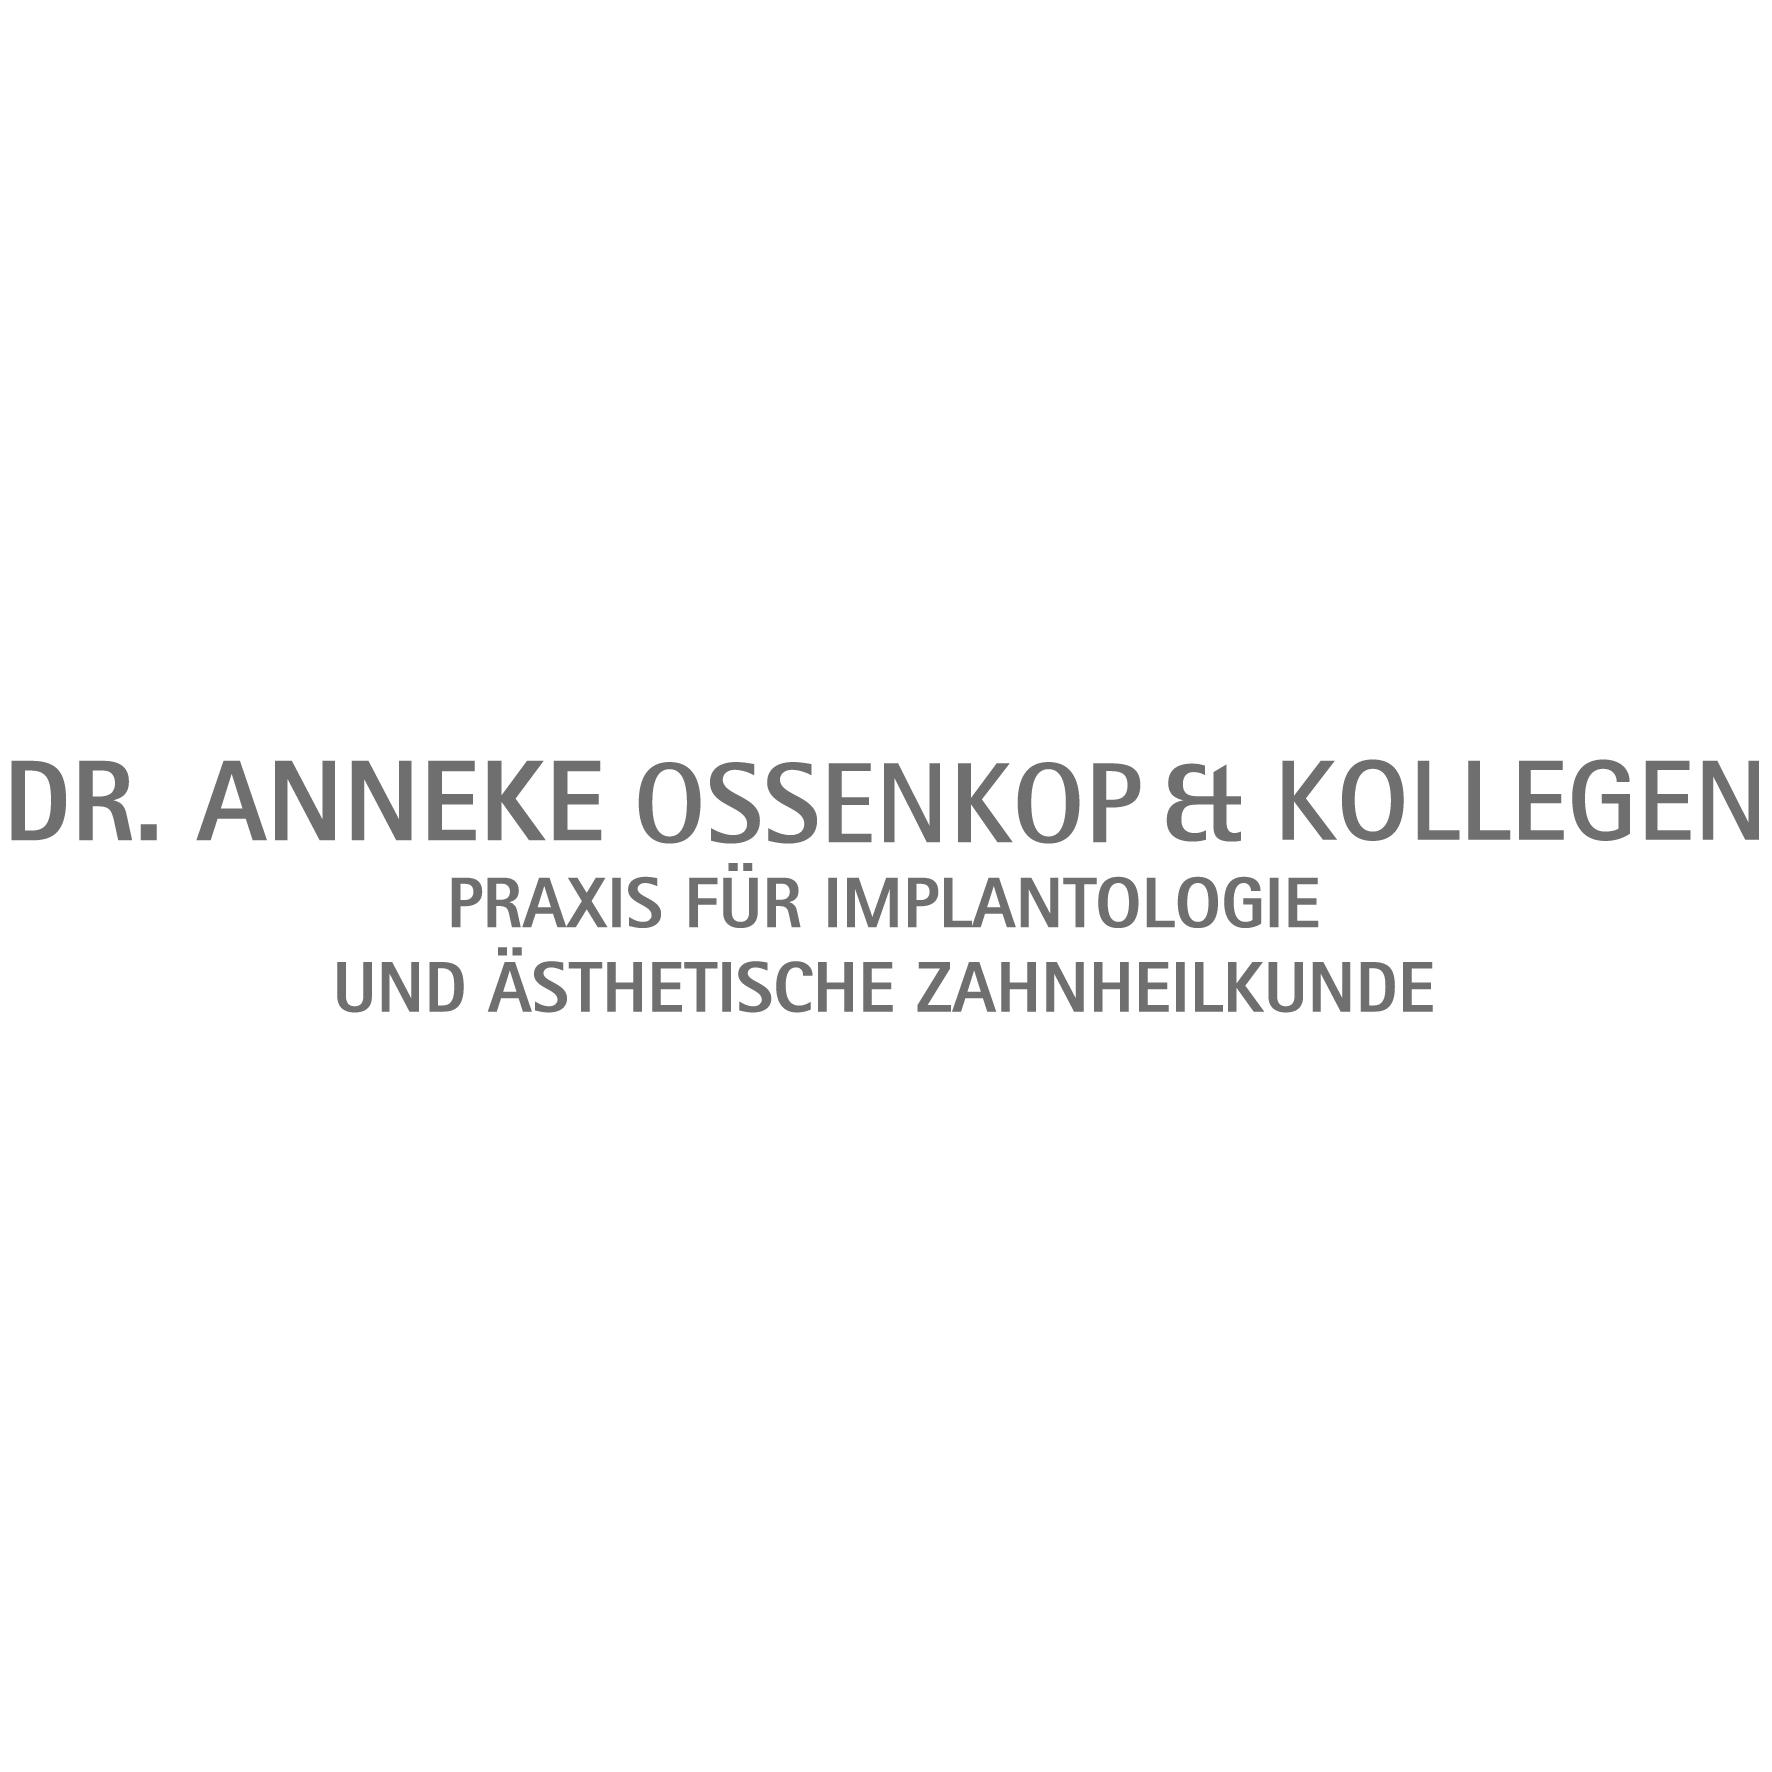 Bild zu Praxis Dr. Anneke Ossenkop, Dr. Sabine Bruns & Kollegen in Braunschweig